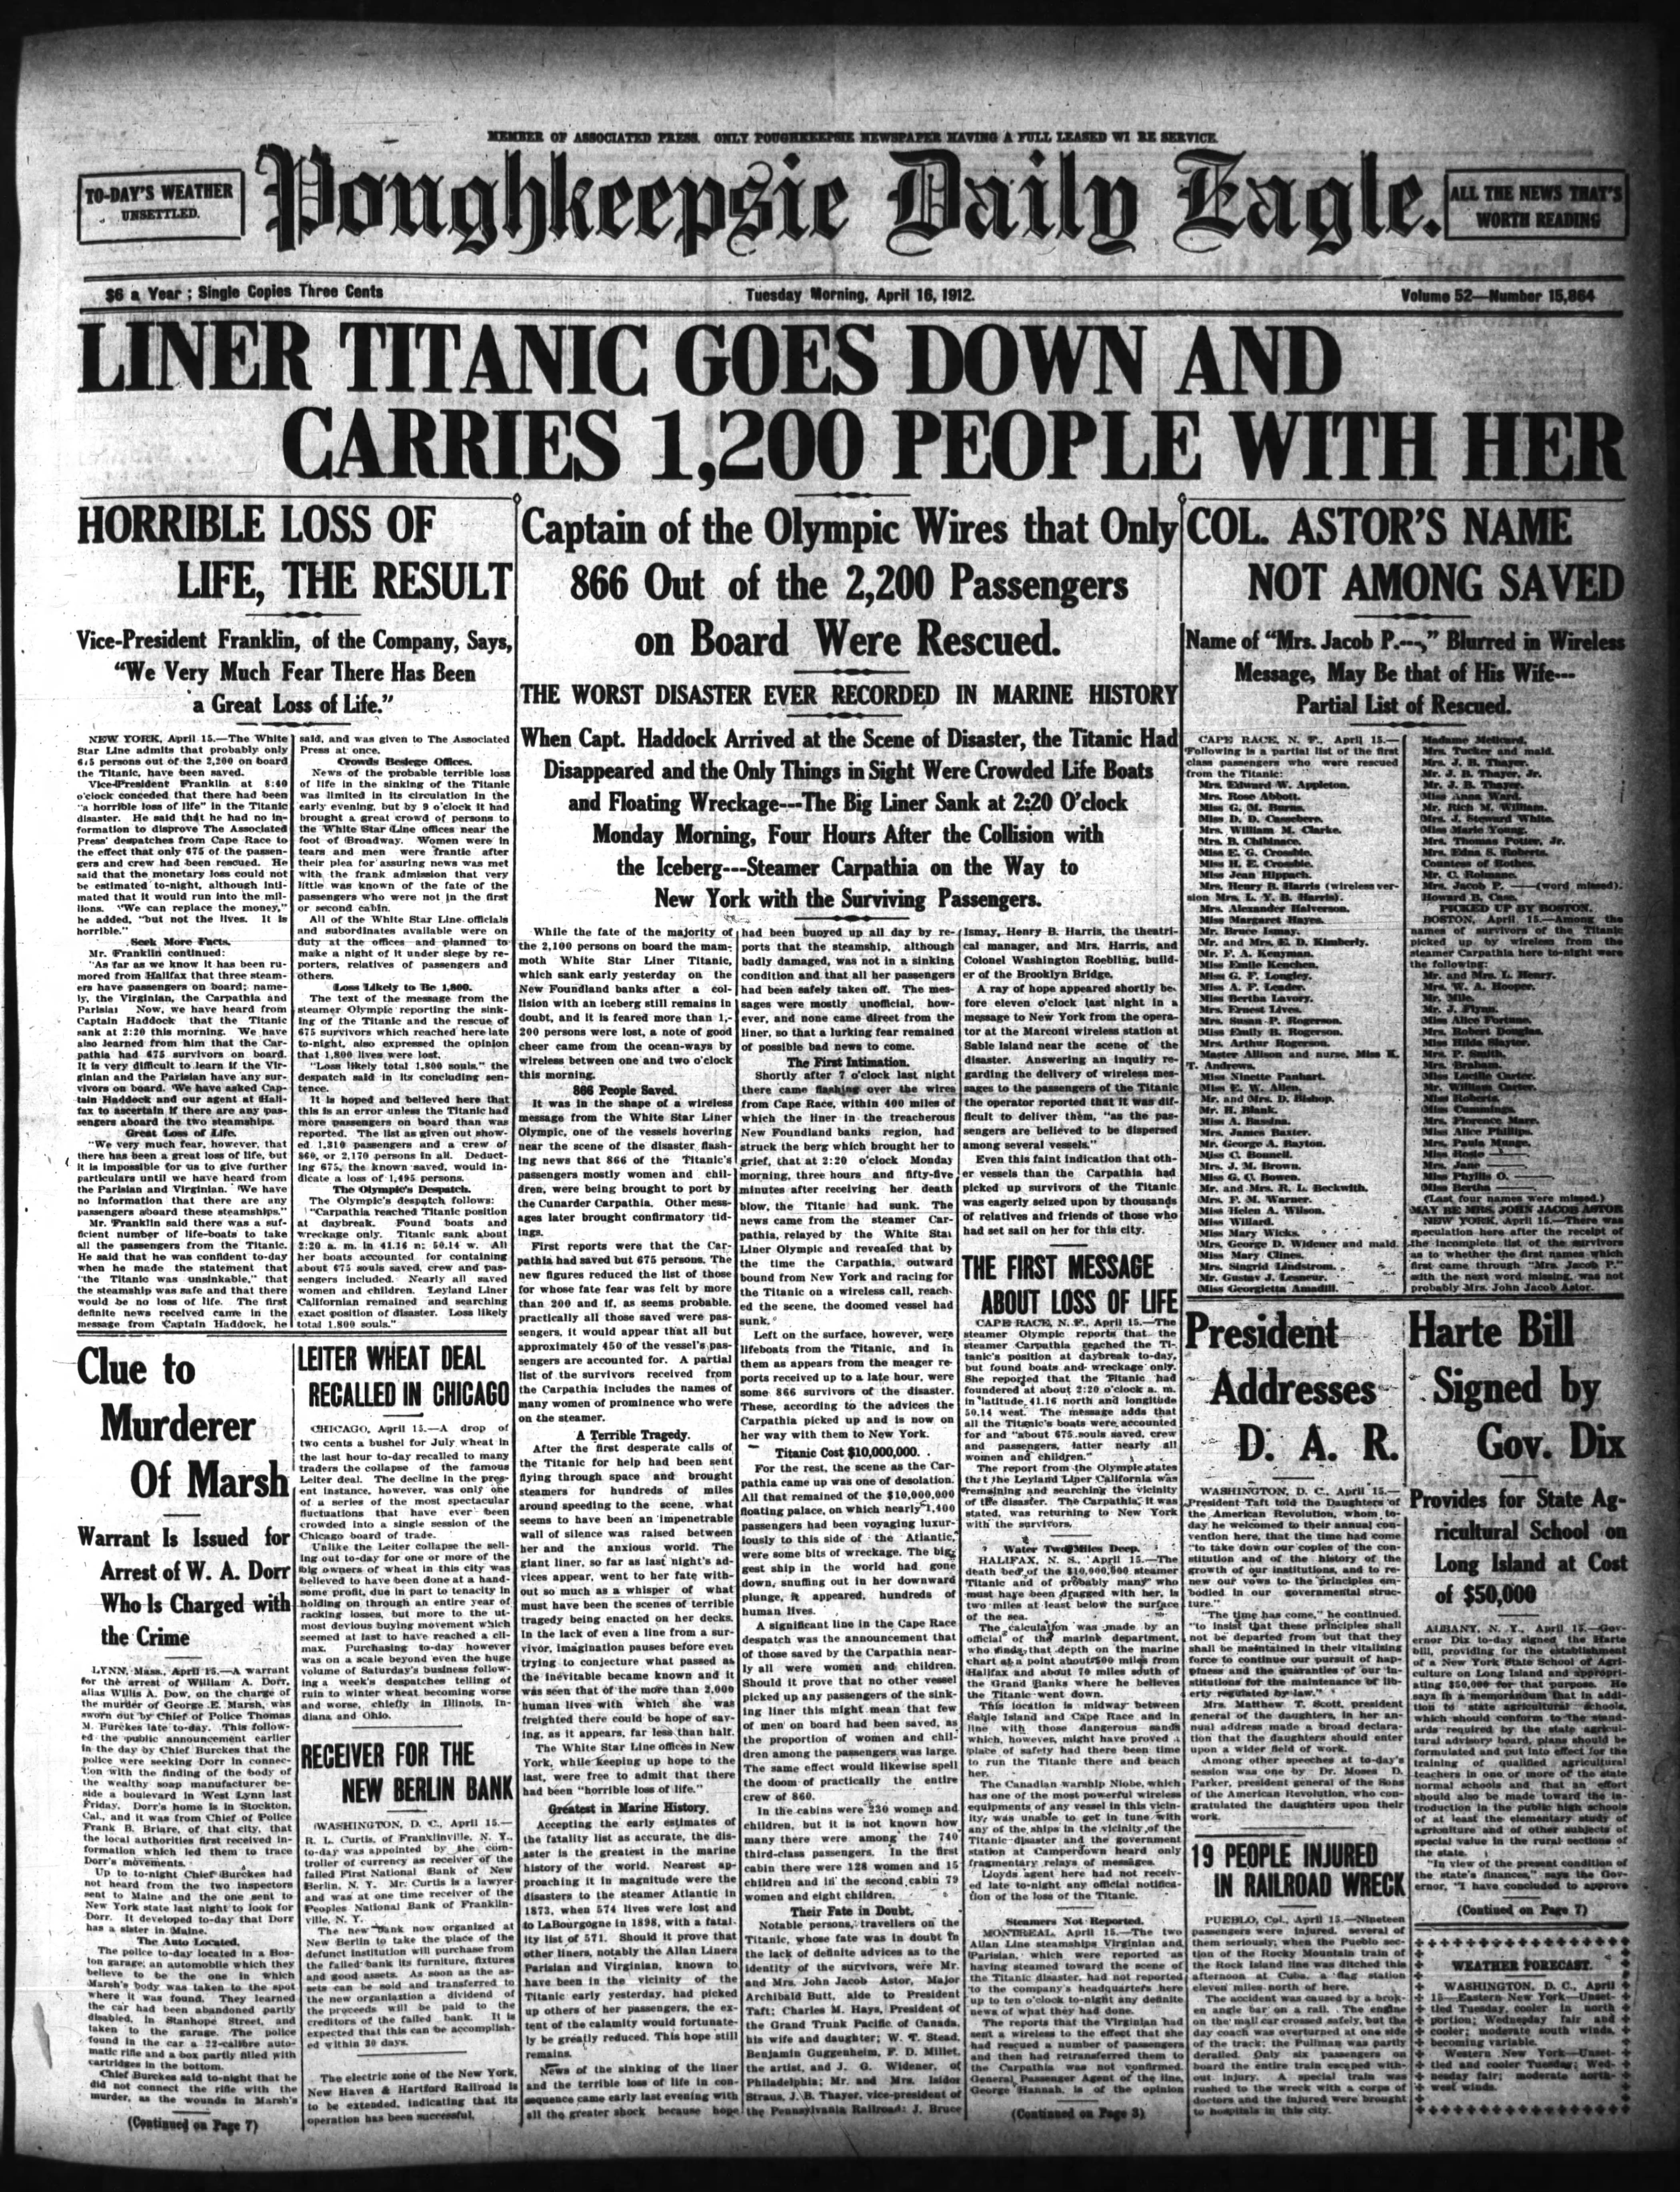 The Poughkeepsie Daily Eagle, a precursor to the Poughkeepsie Journal, reports on the tragic sinking of the Titanic.